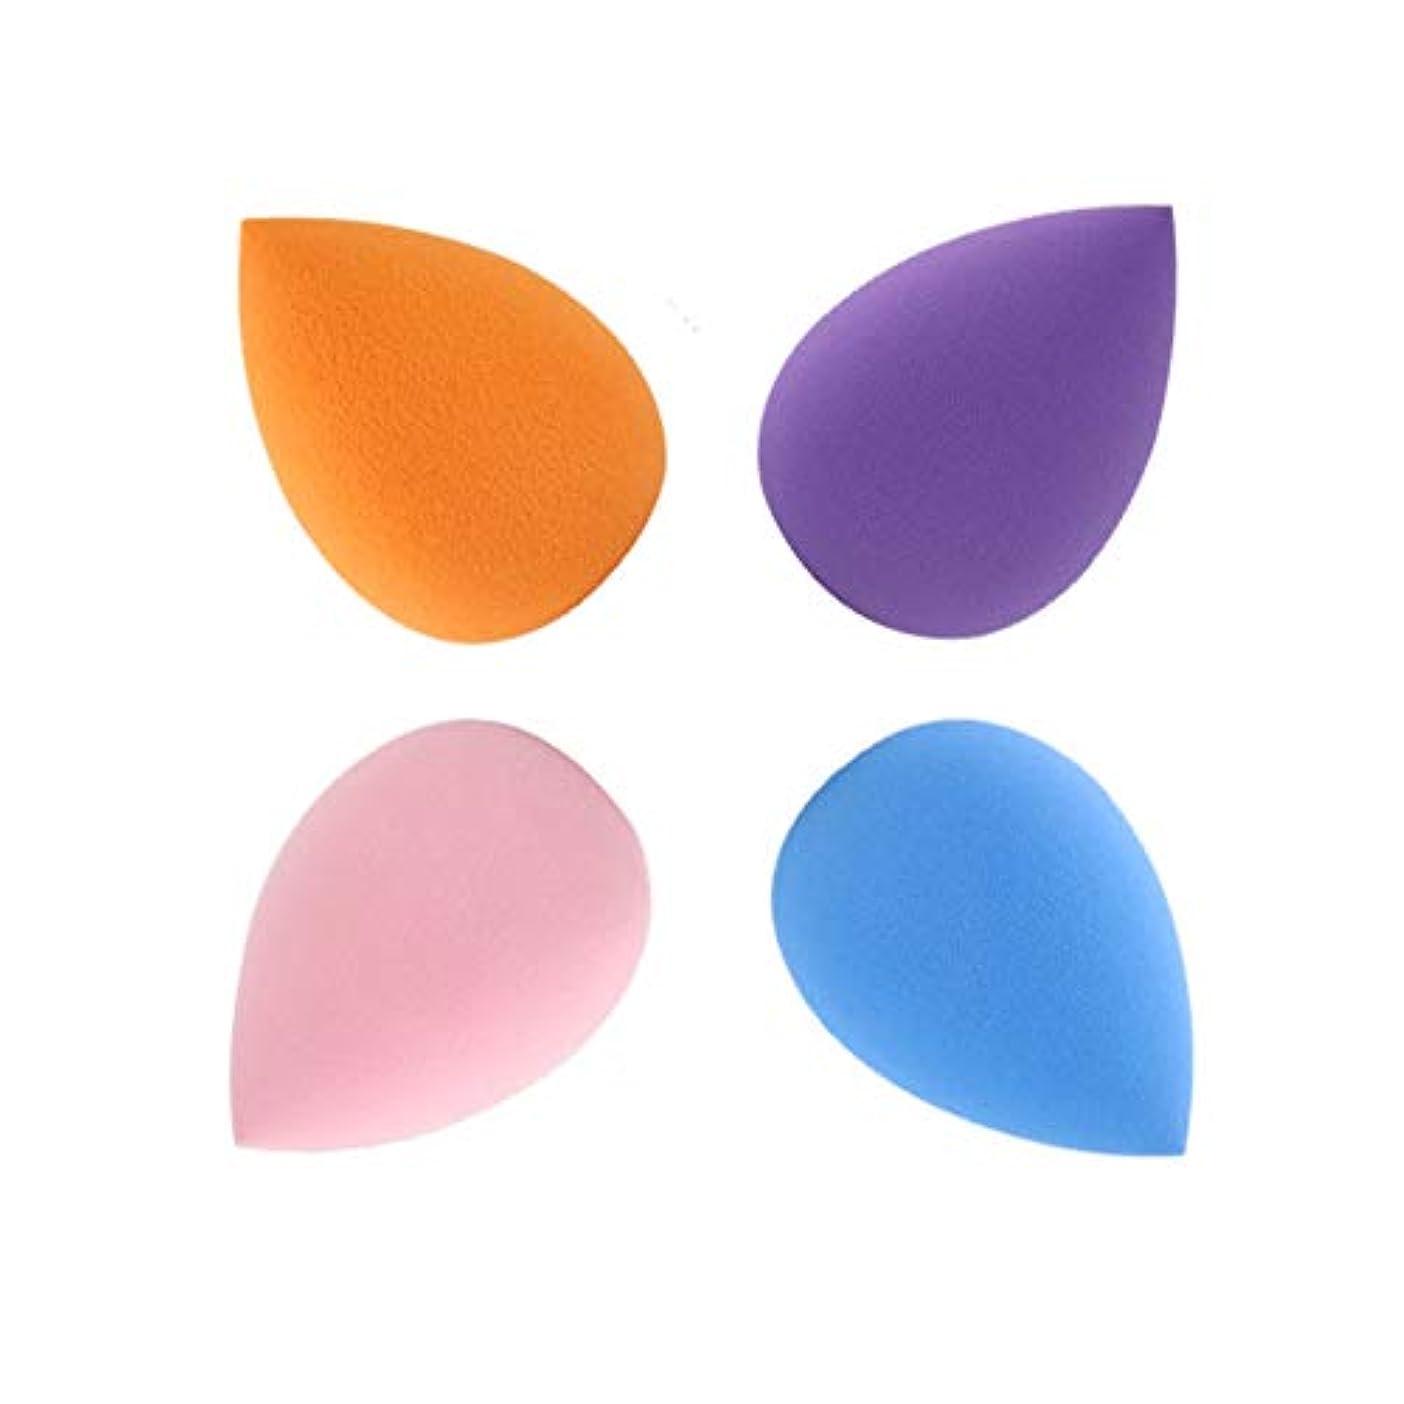 巨大好意的下手SUPER DREAM メイクスポンジ 4個セット 立体 化粧 スポンジ 涙型 3Dスポンジ パフ フェイシャルスポンジ 親水性ポリウレタン メイクアップスポンジ 湿乾両用 ファンデーション 使い捨て 水洗い 何度も使える